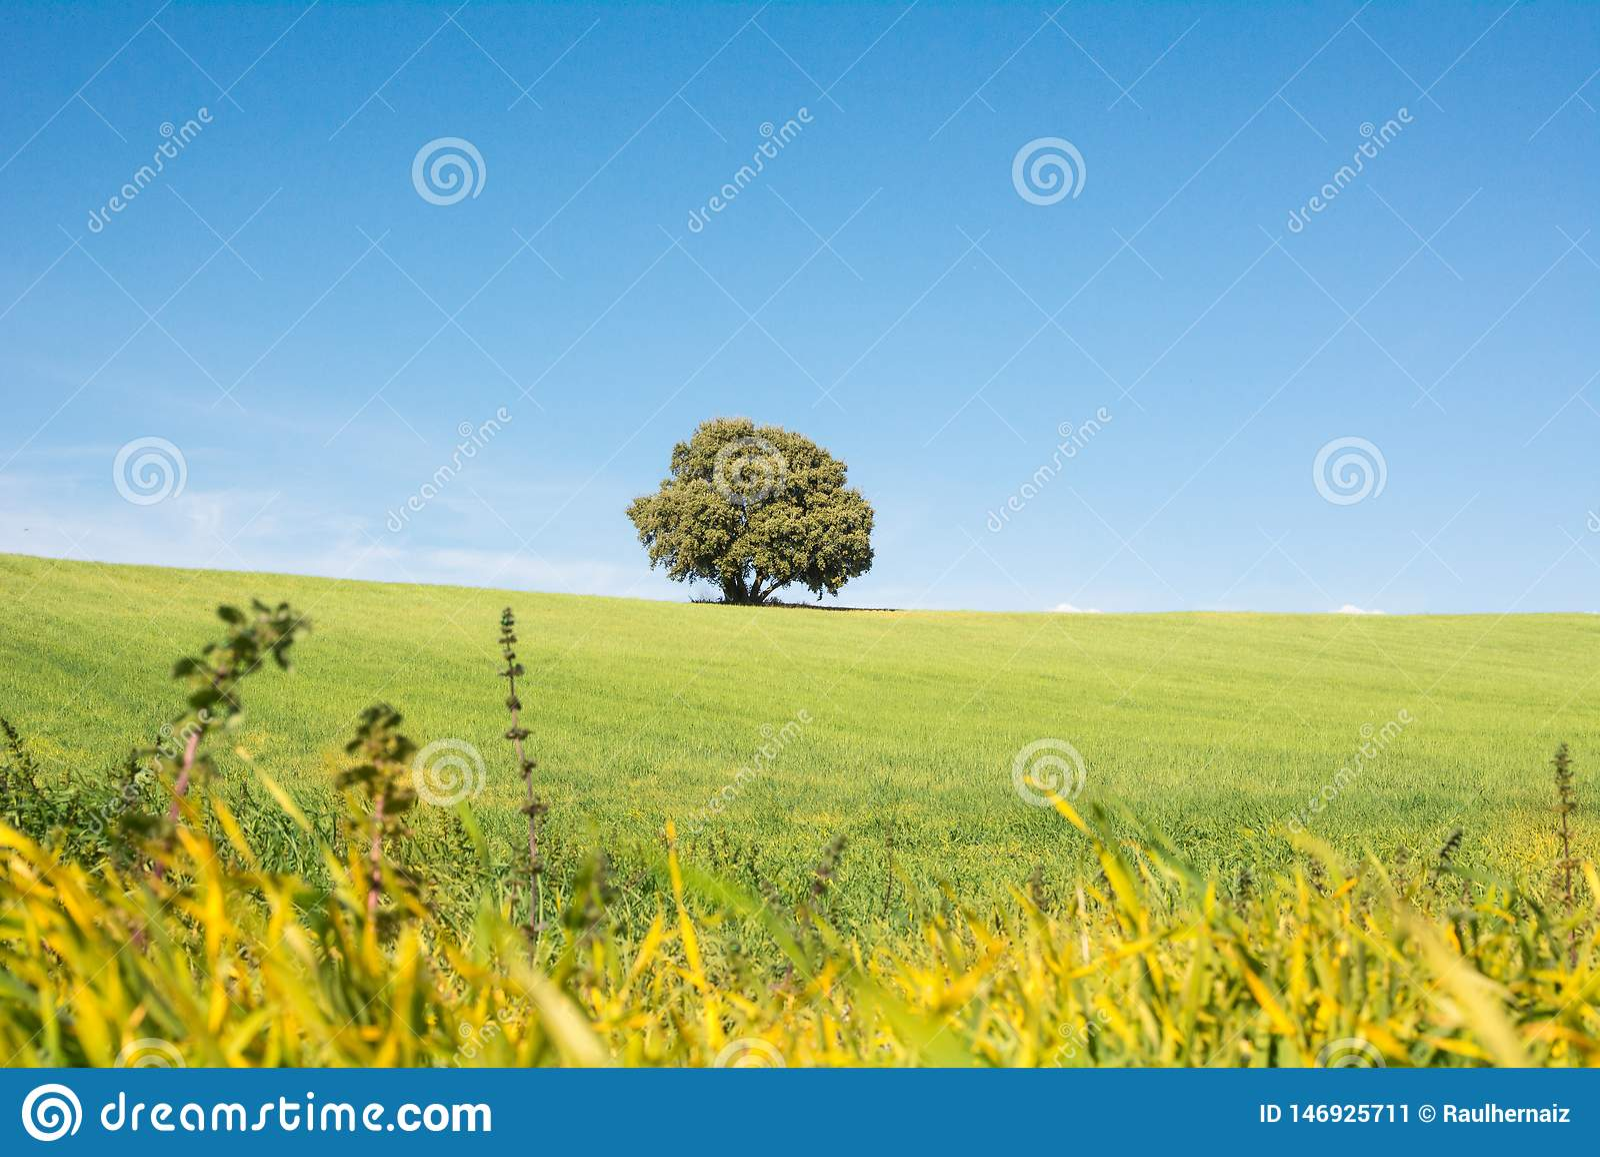 Дерево изолированное на зеленом поле, под чистым голубым небом